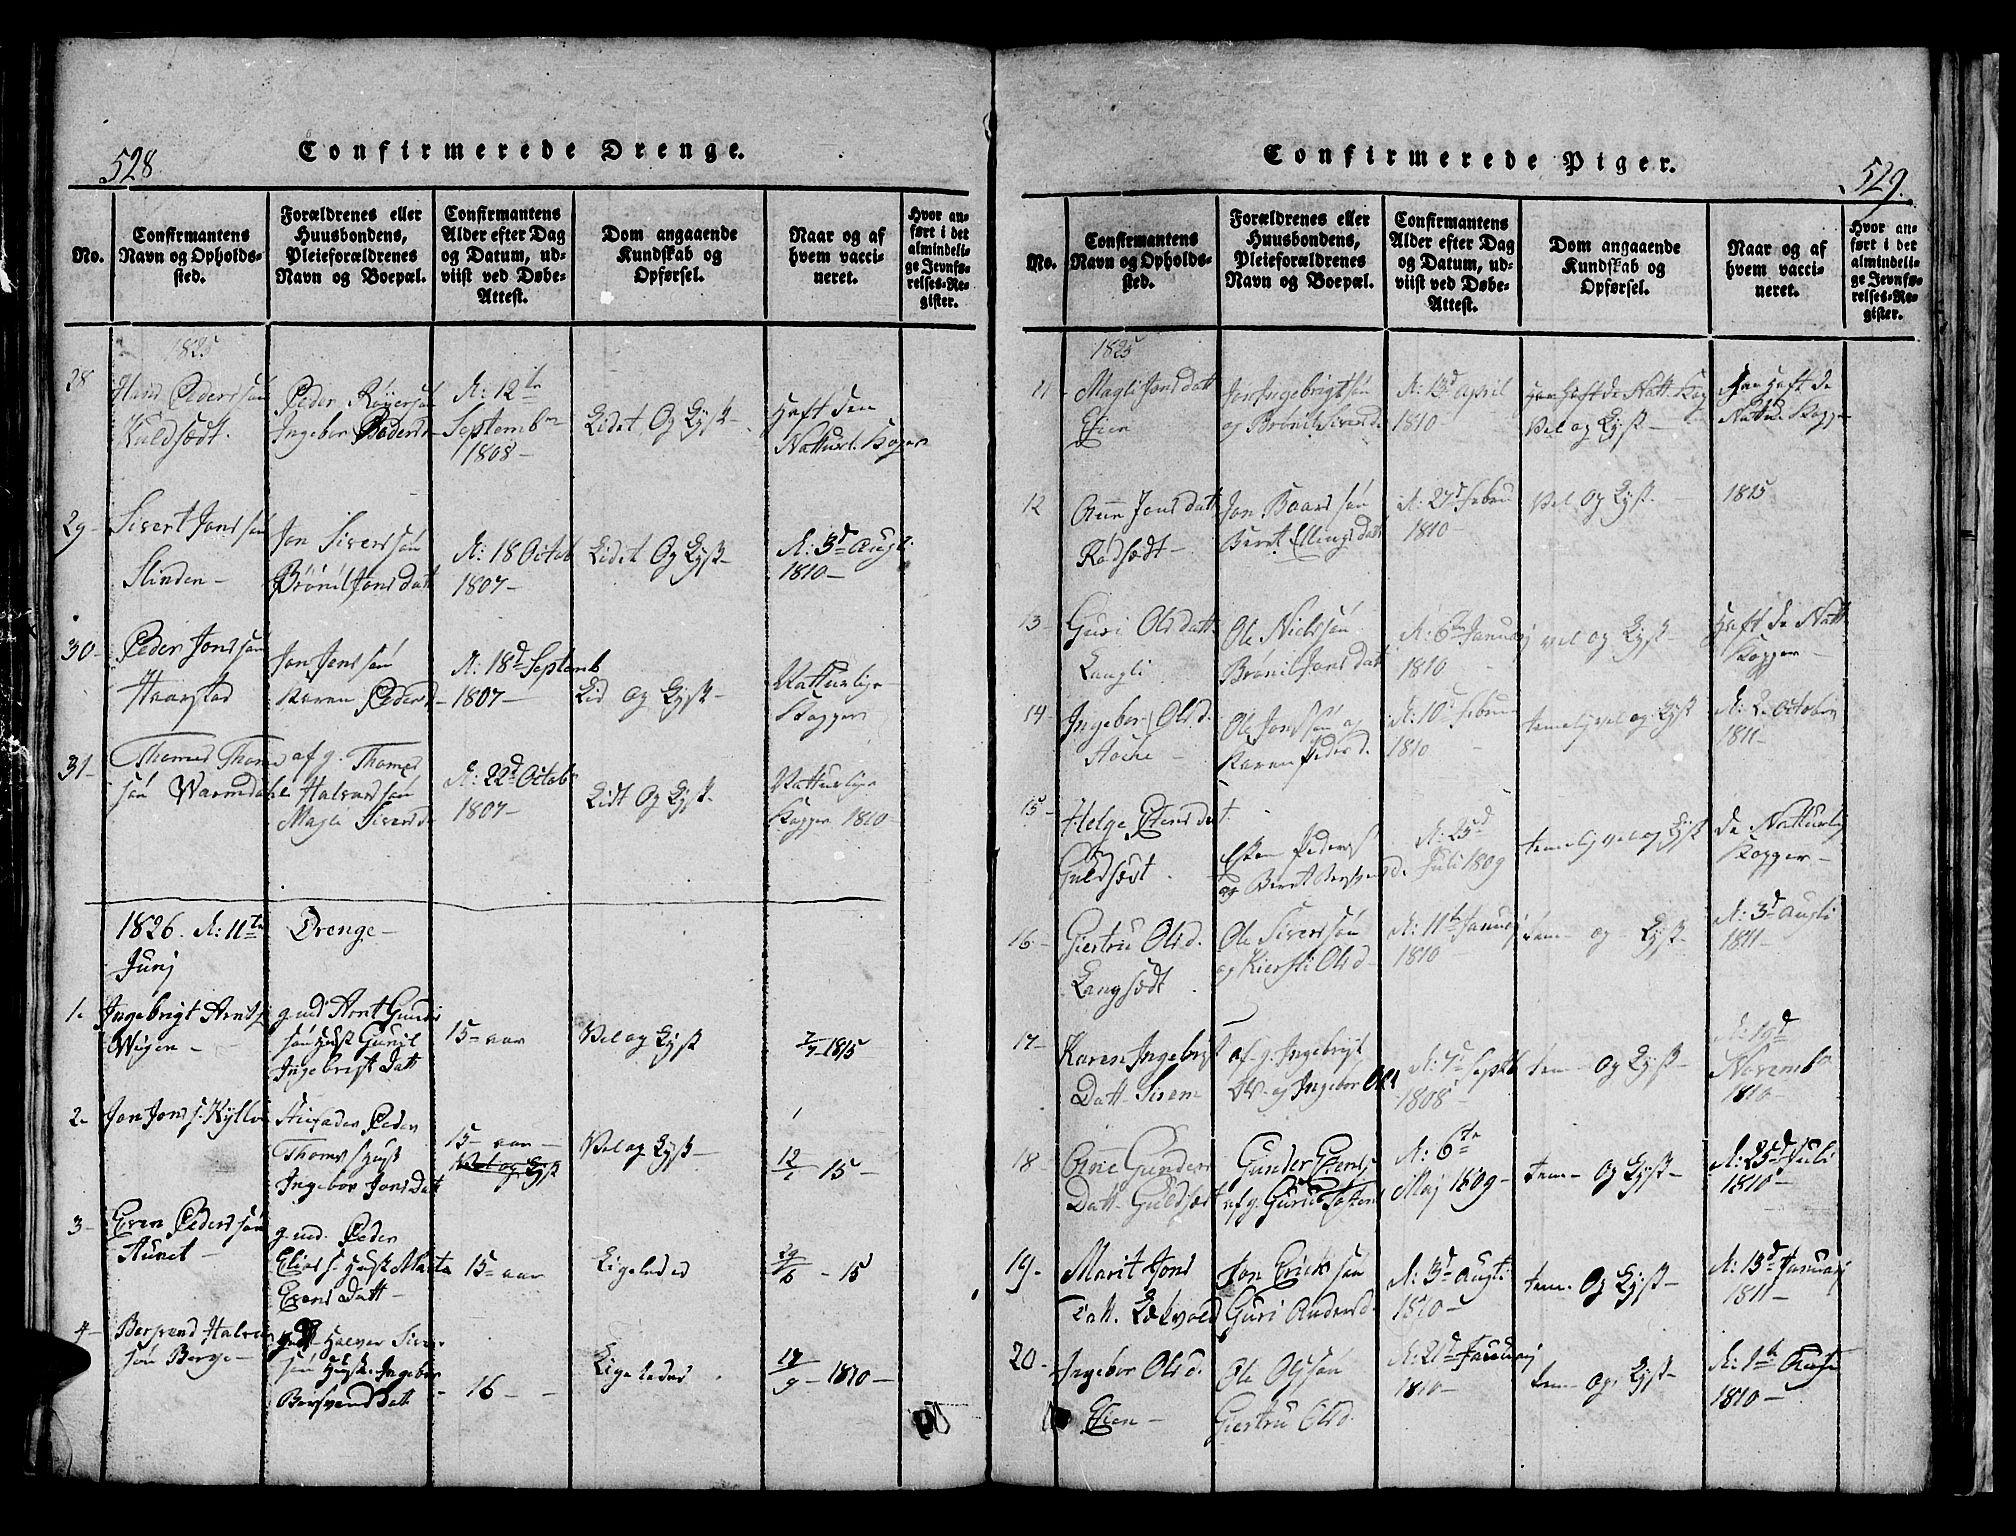 SAT, Ministerialprotokoller, klokkerbøker og fødselsregistre - Sør-Trøndelag, 695/L1152: Klokkerbok nr. 695C03, 1816-1831, s. 528-529